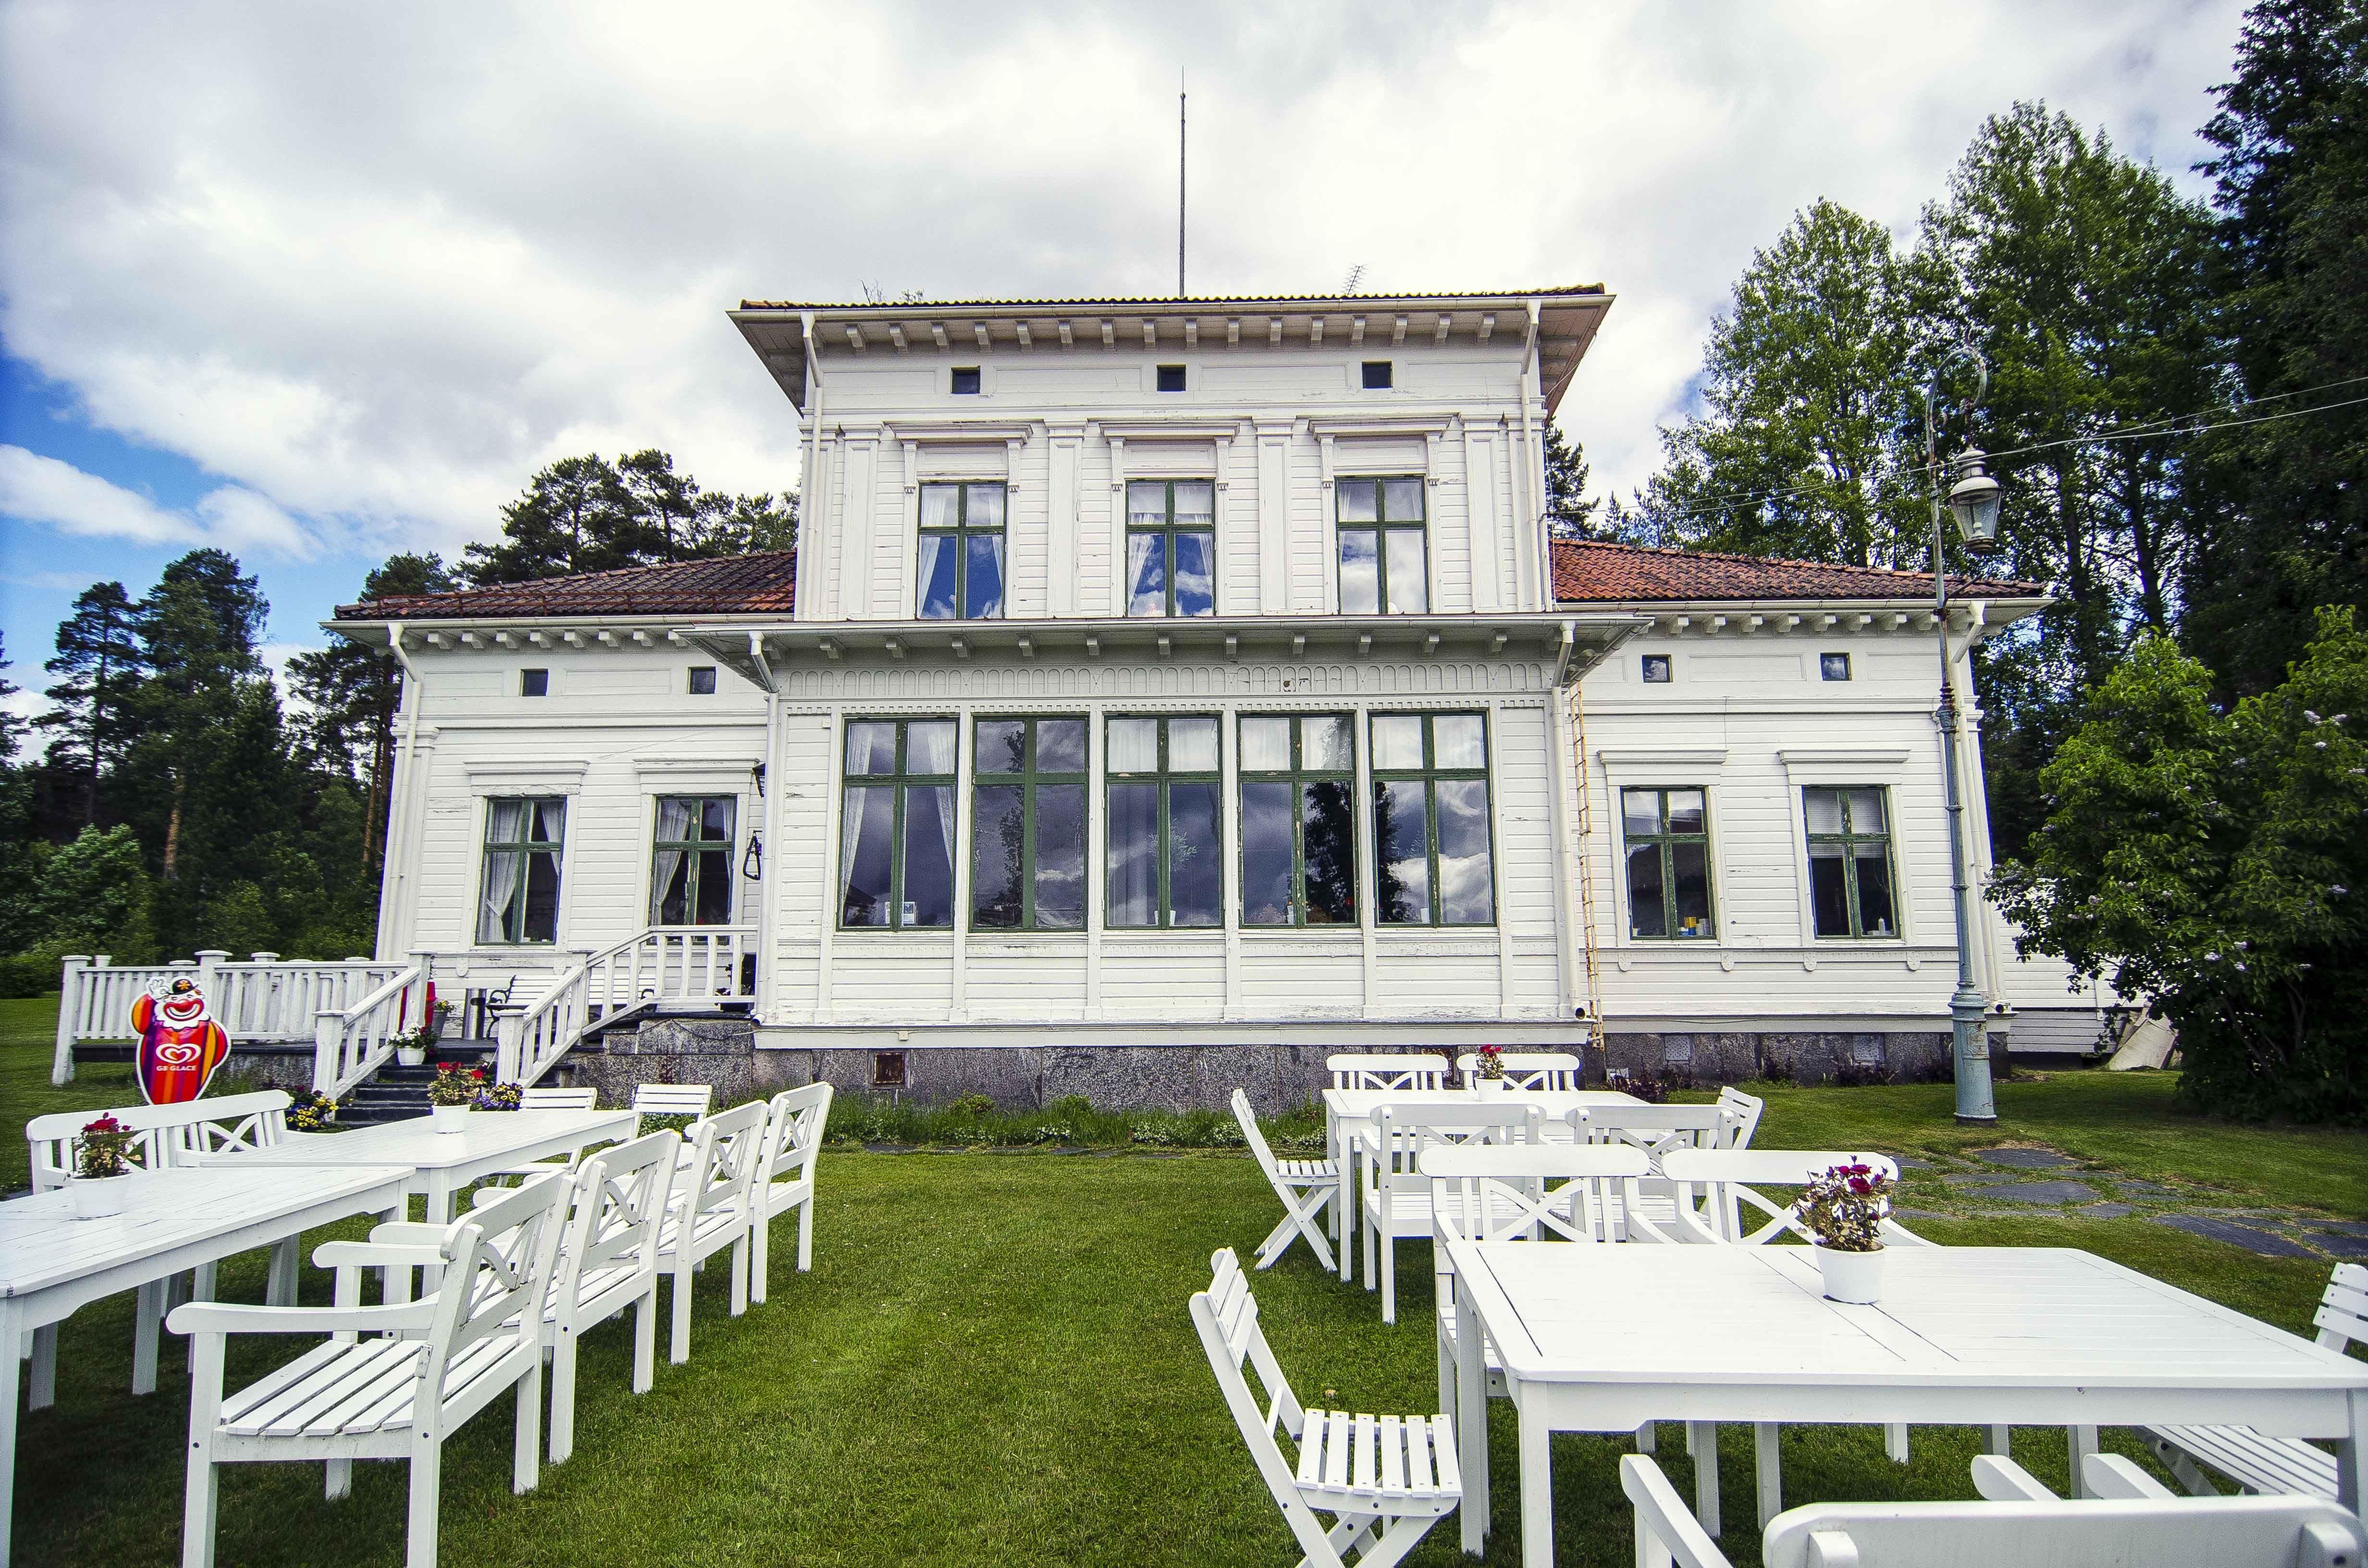 Olofsfors Herrgård (Herrenhaus)